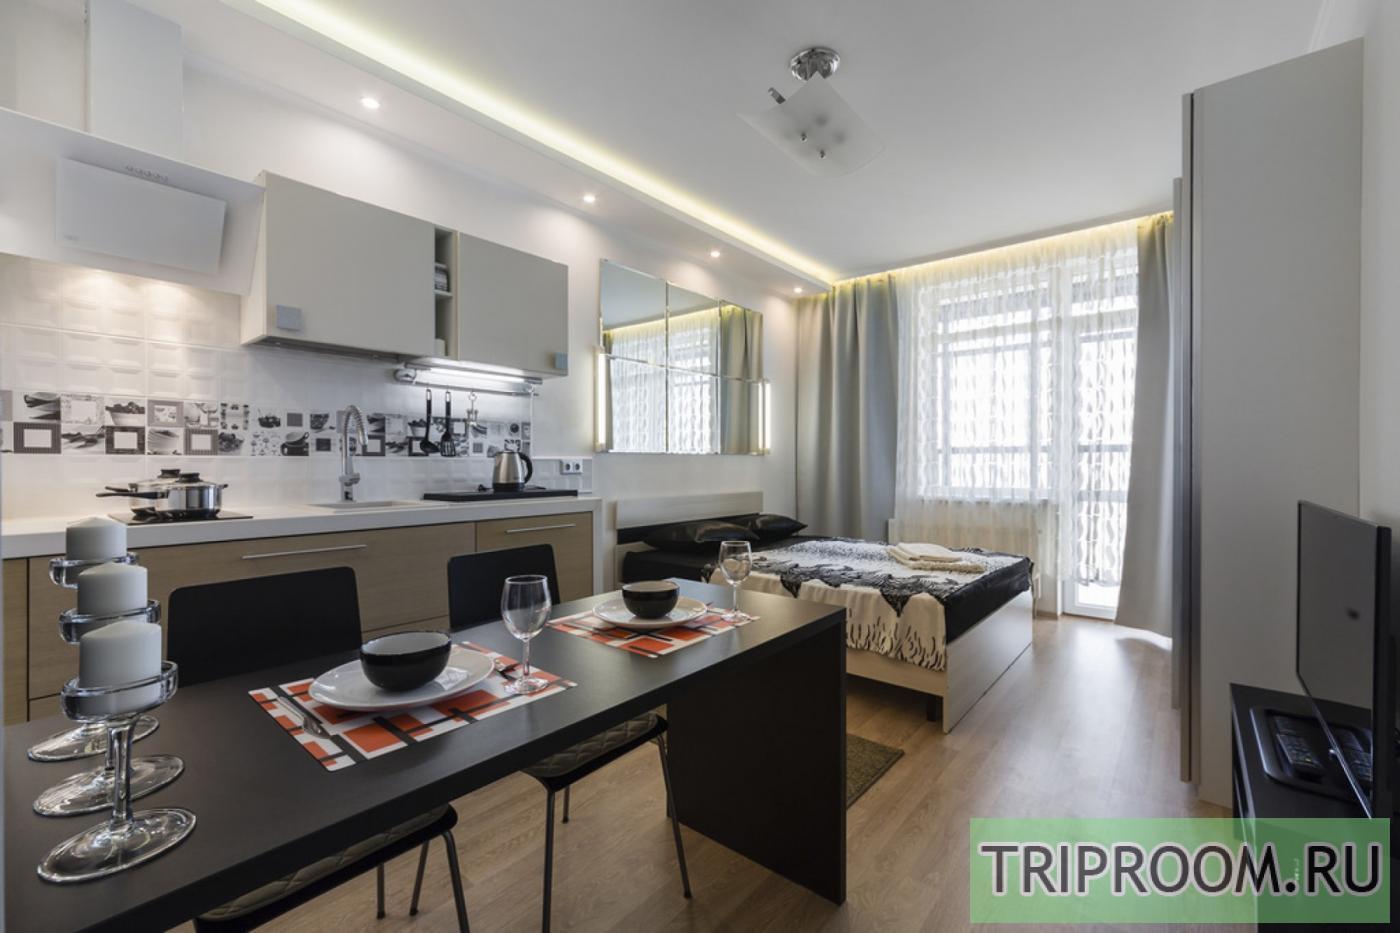 1-комнатная квартира посуточно (вариант № 18461), ул. Адмирала Черокова улица, фото № 1